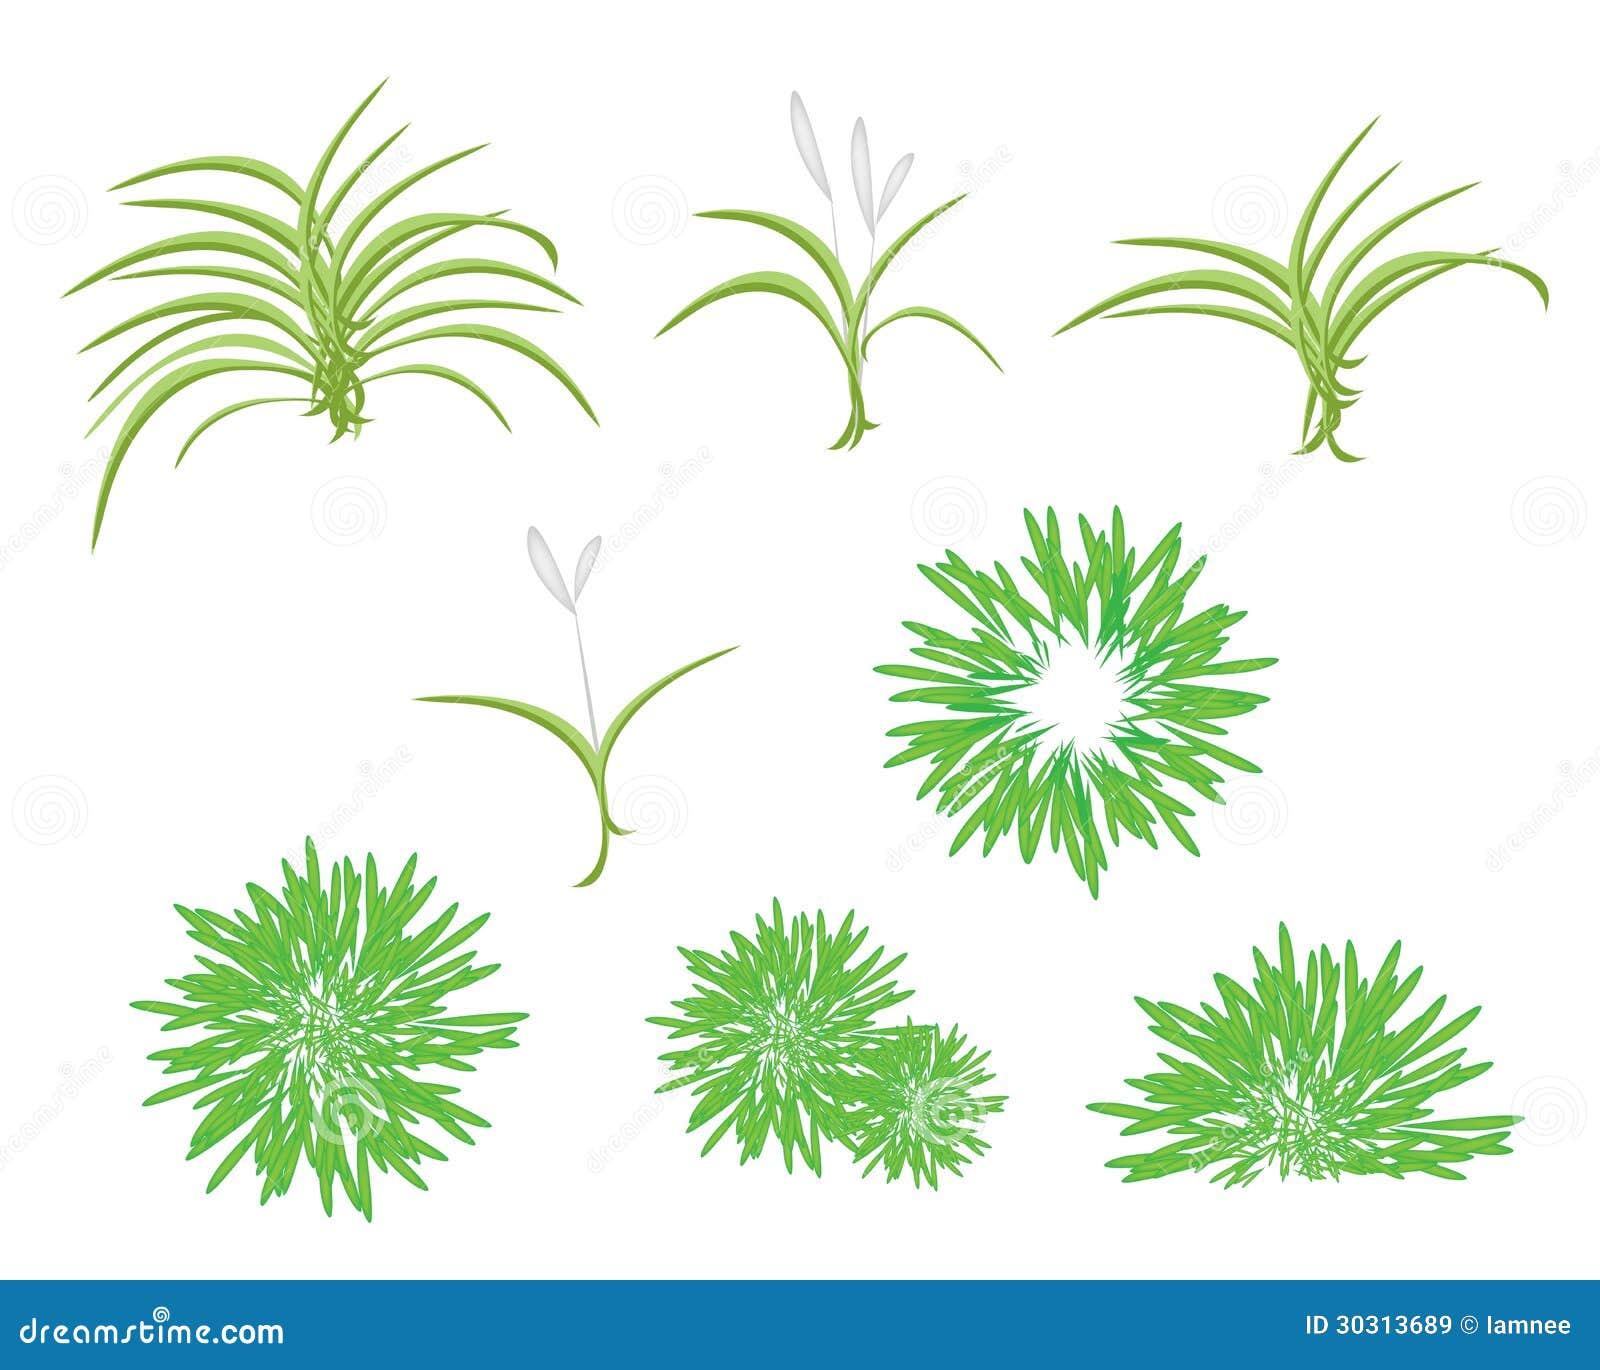 A Isometric Tree Set Of Dracaena Plant Royalty Free Stock